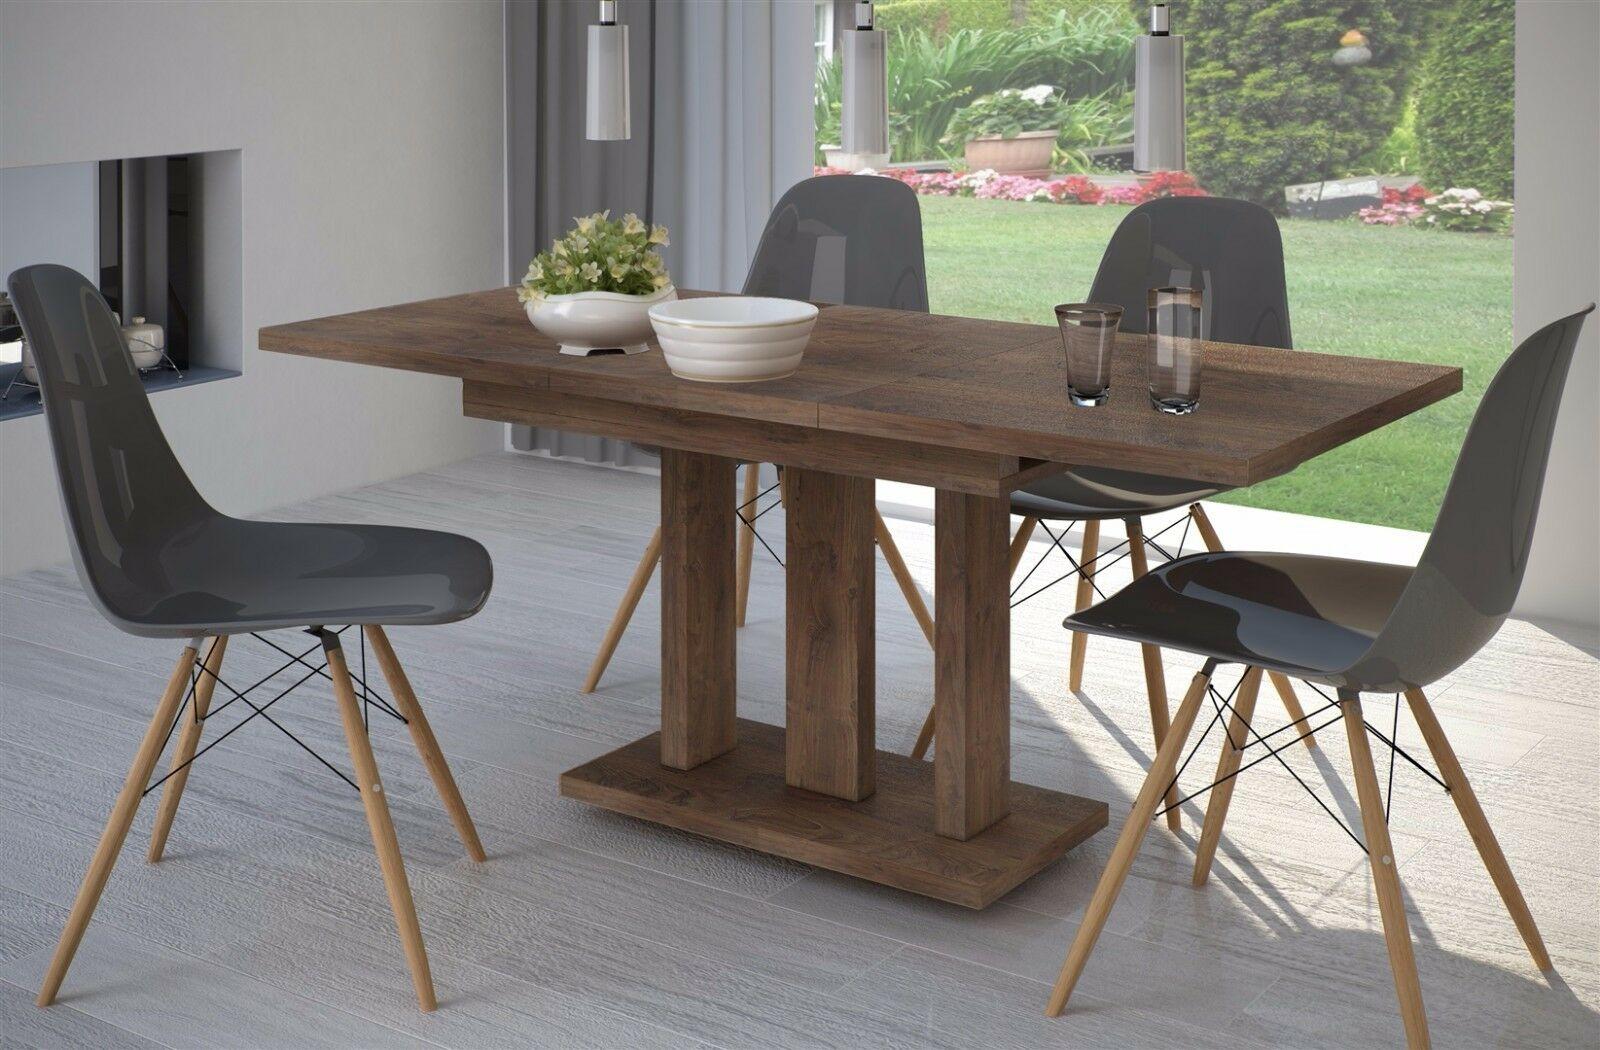 Säulentisch Nußbaum Esstisch Ausziehbar Holz Edler Auszugtisch Modern Design Yatego Com